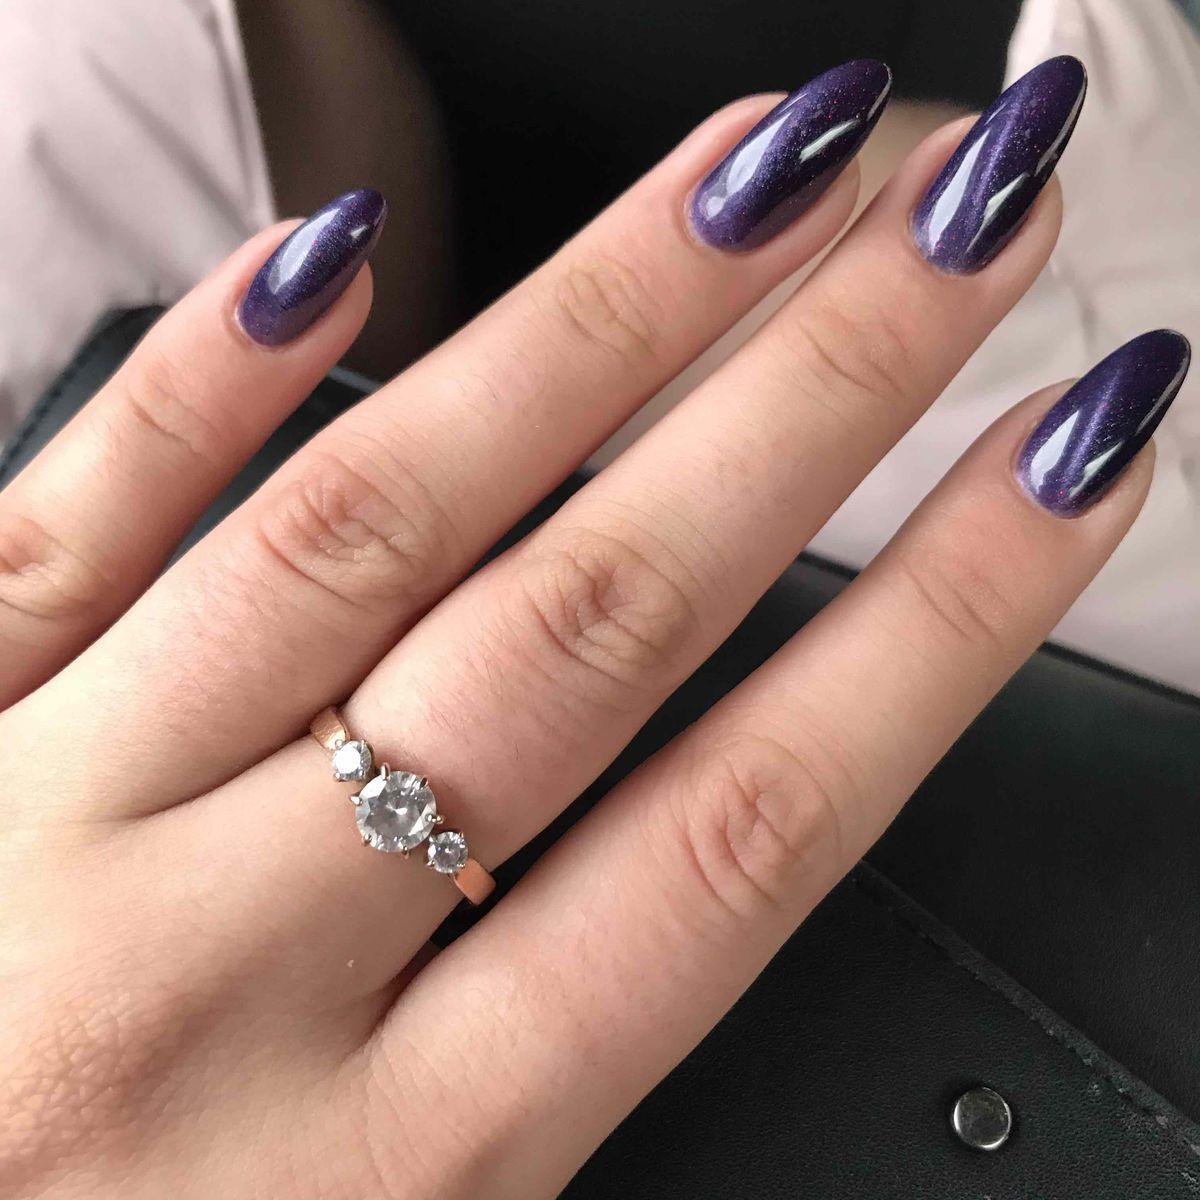 Шикарное кольцо, блестит потрясающе😍